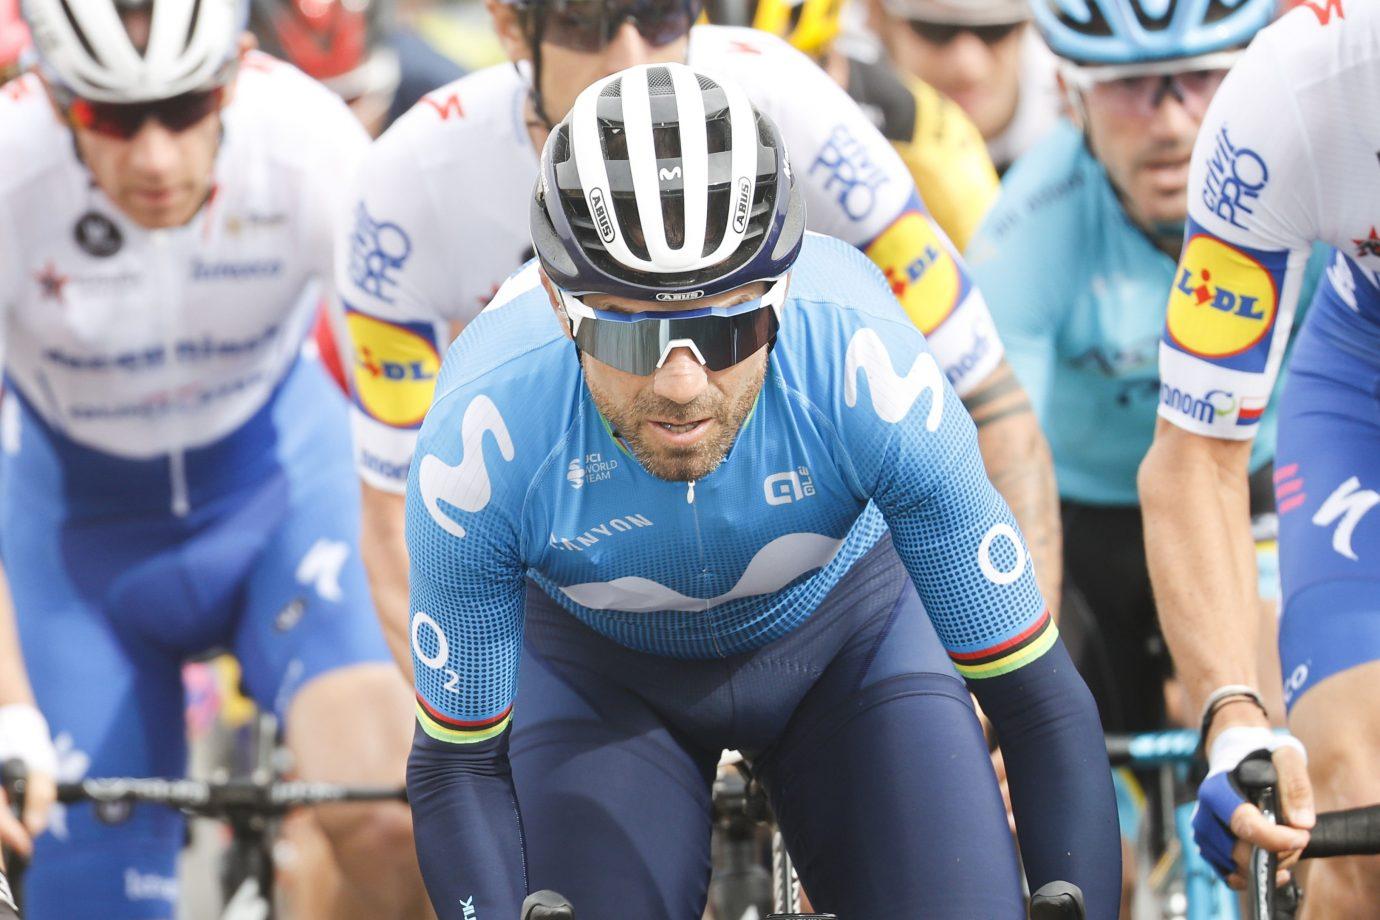 Imagen de la noticia 'Valverde (4th) squeezes Movistar Team's penultimate chance in Ciudad Rodrigo'